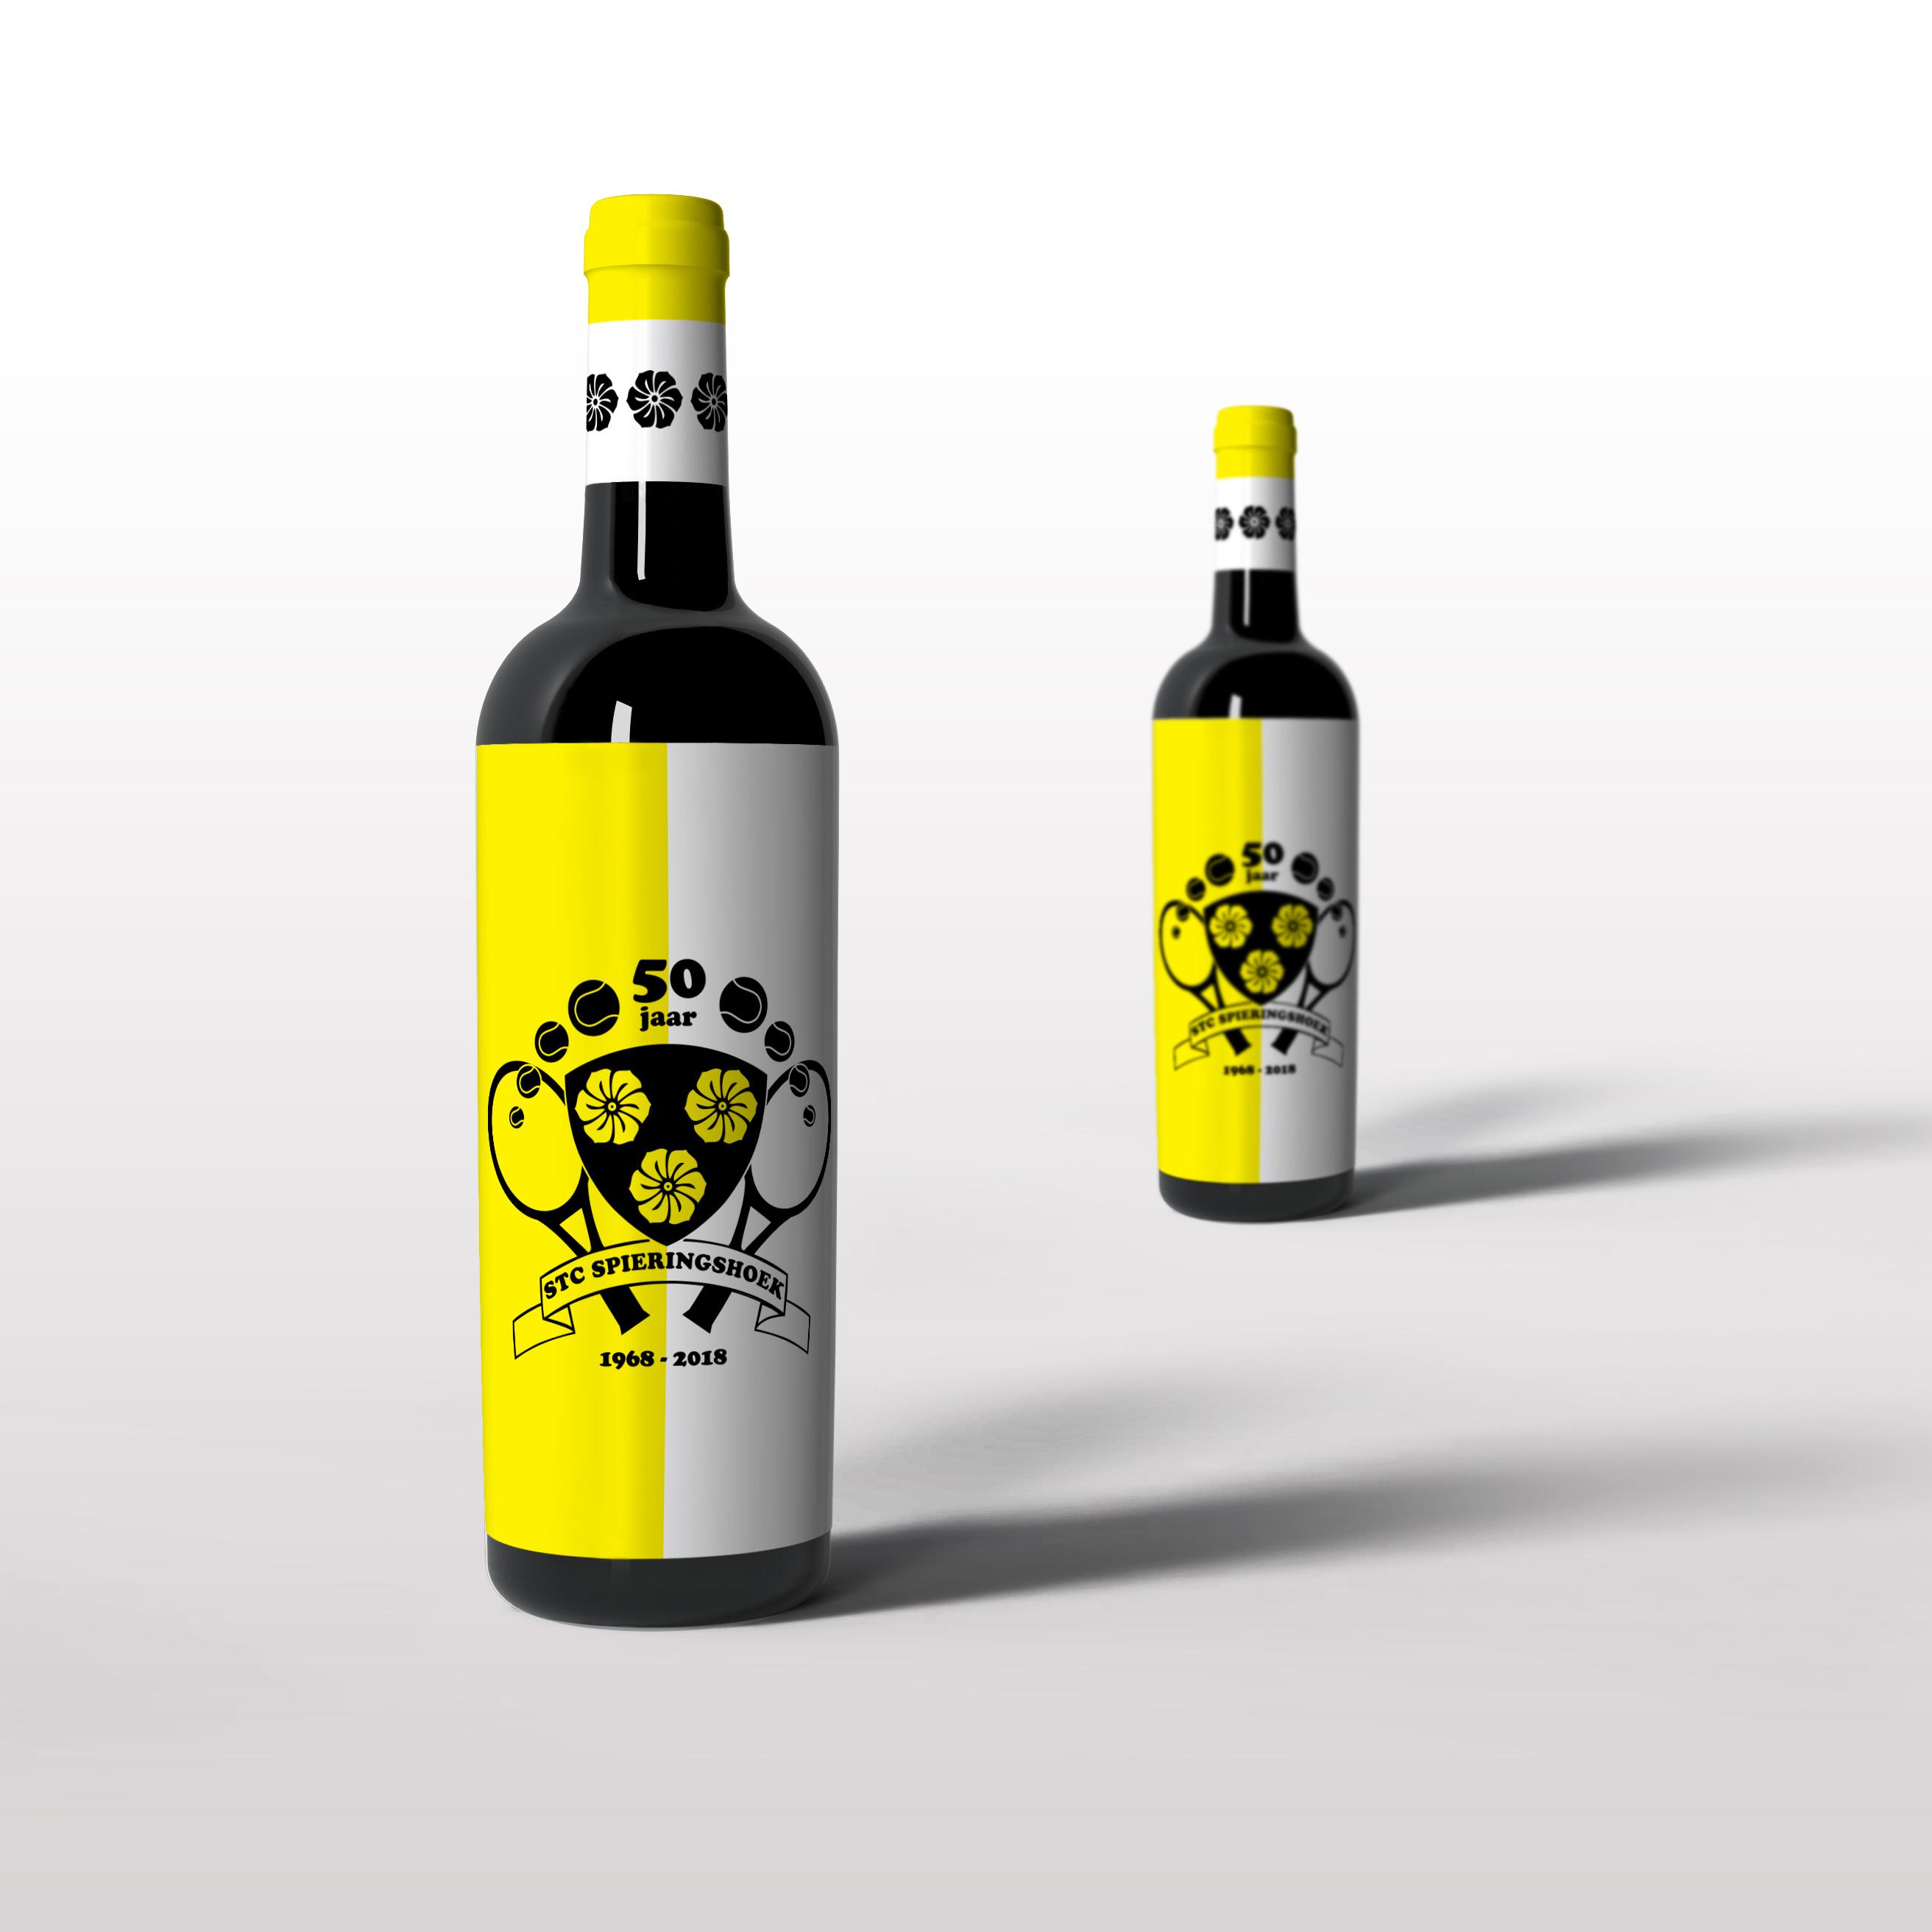 Spieringshoek-wijnfles-ontwerp-etiket